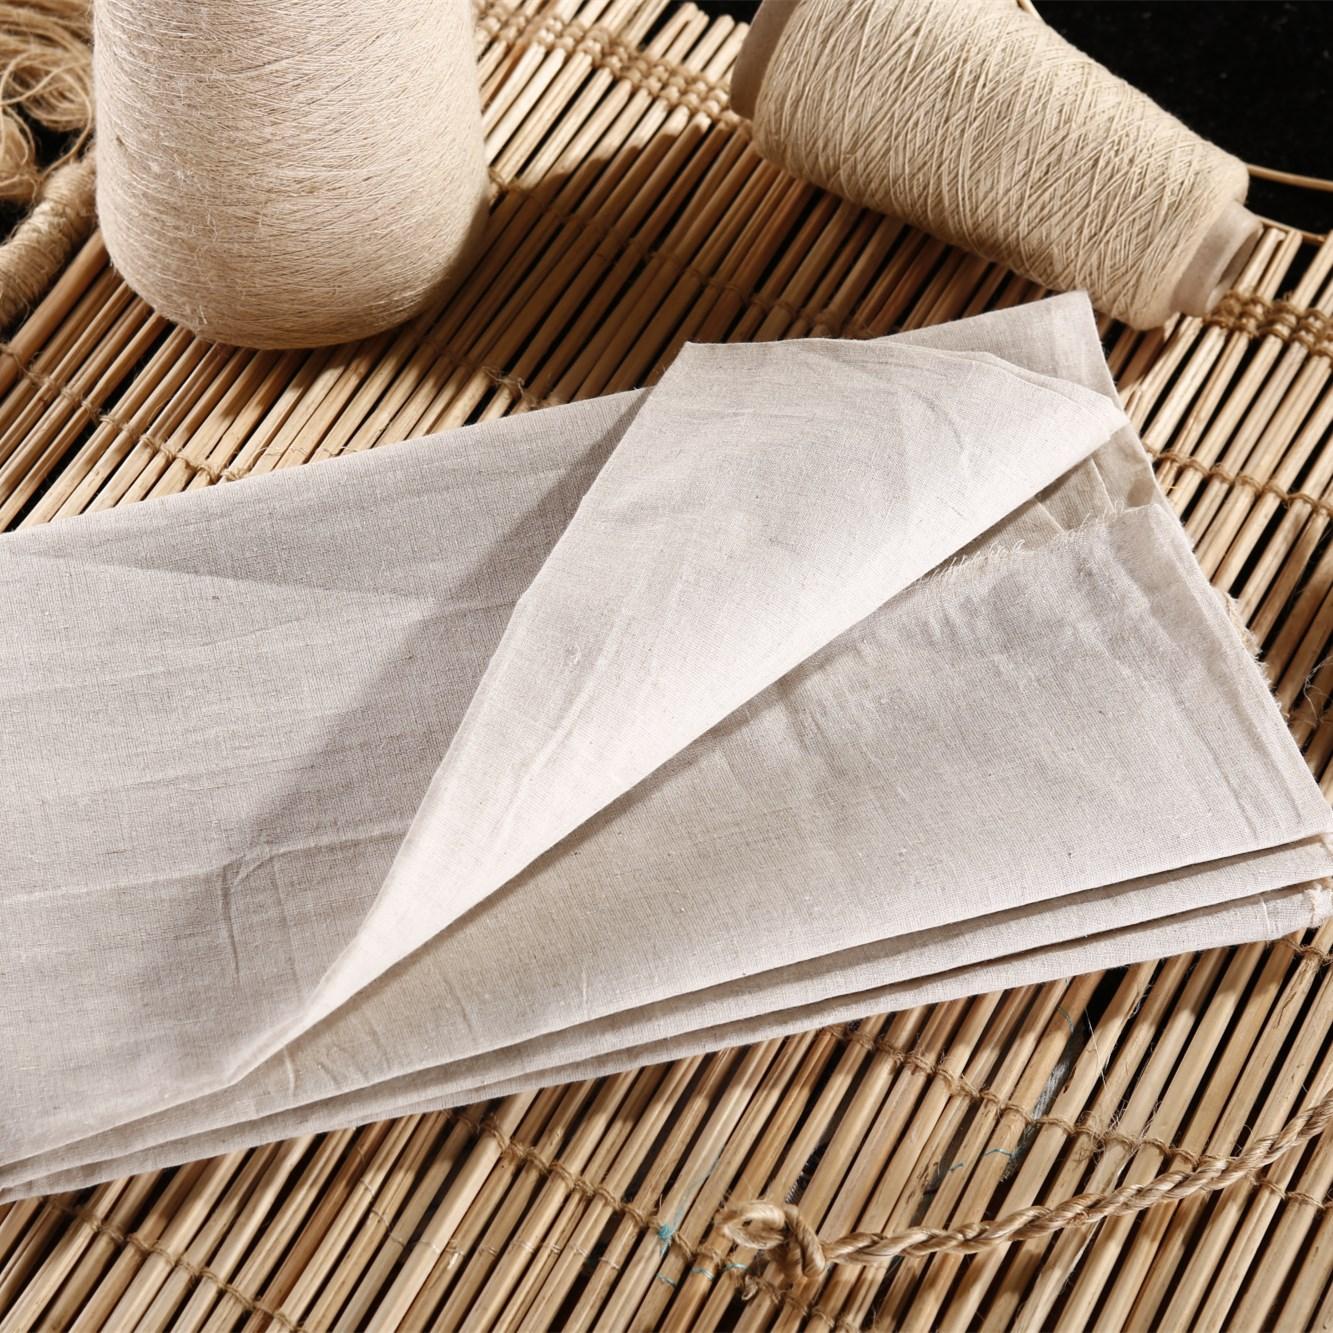 LVZHOU Vải mộc pha Shanxi Oasis vải lanh màu xám nhà sản xuất vải cung cấp vải lanh 20X20 vải pha tr